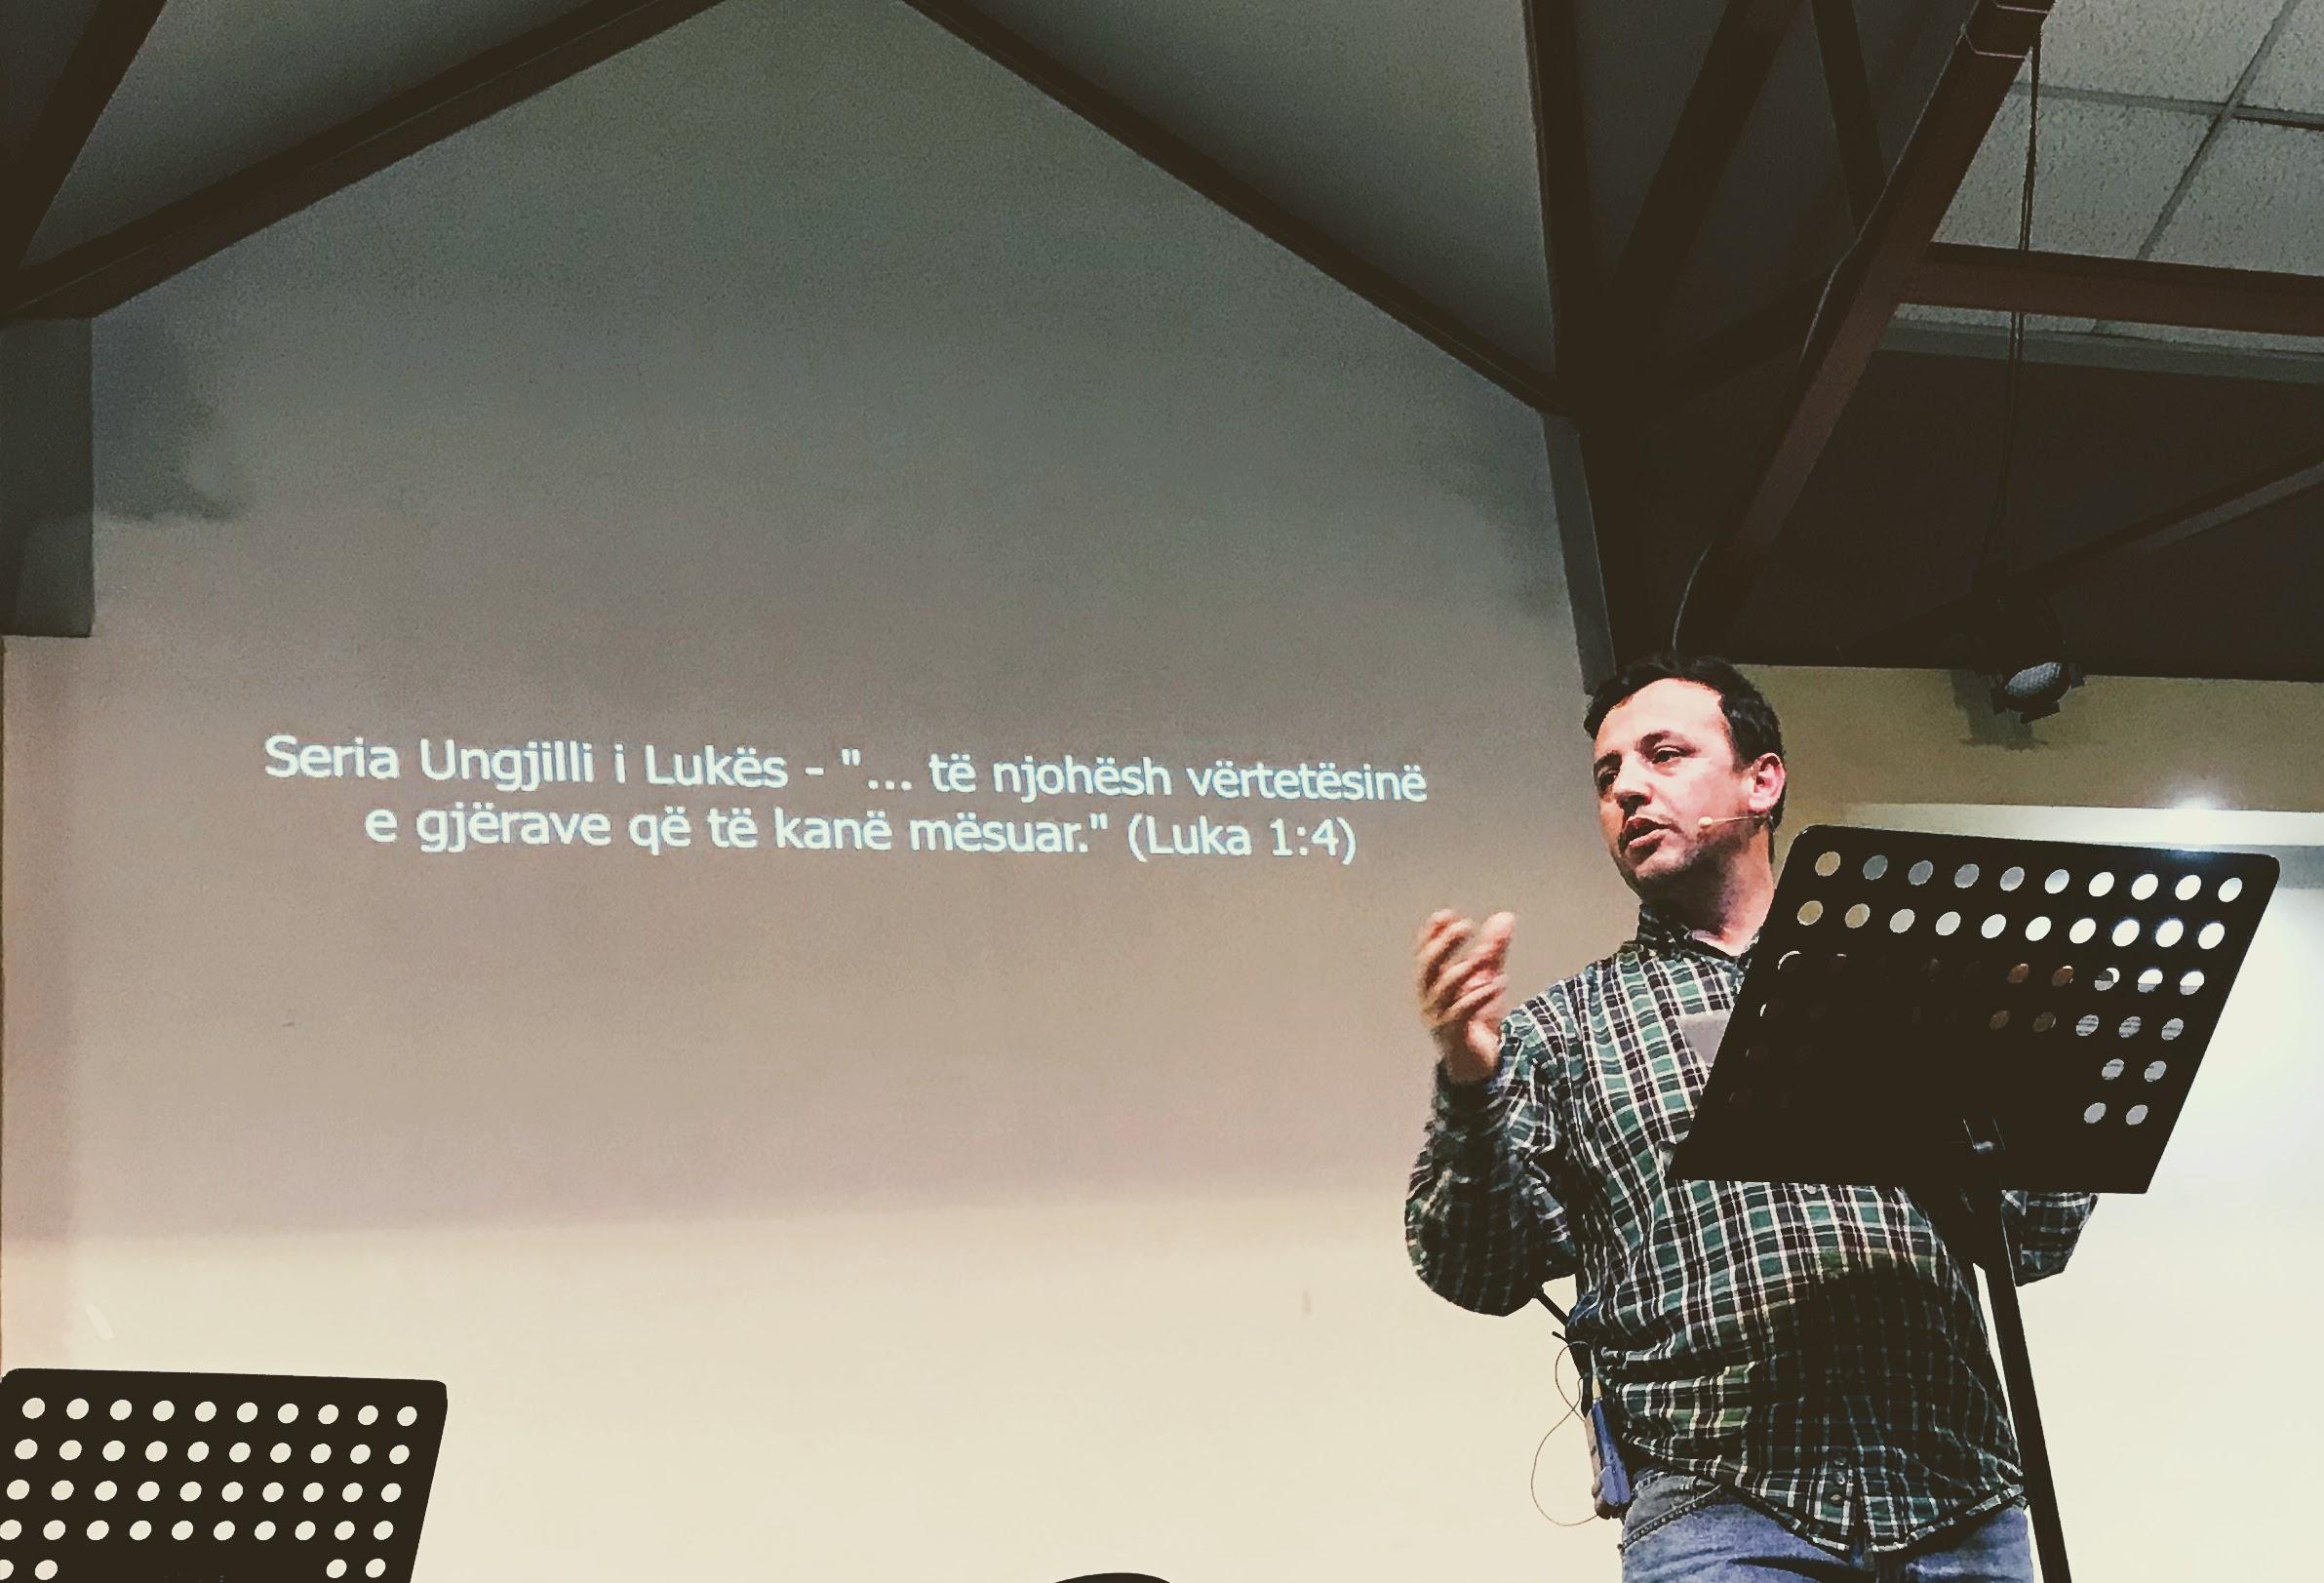 """Seria Ungjilli i Lukës – """"… të njohësh vërtetësinë e gjërave që të kanë mësuar."""" (Luka 1:4)"""